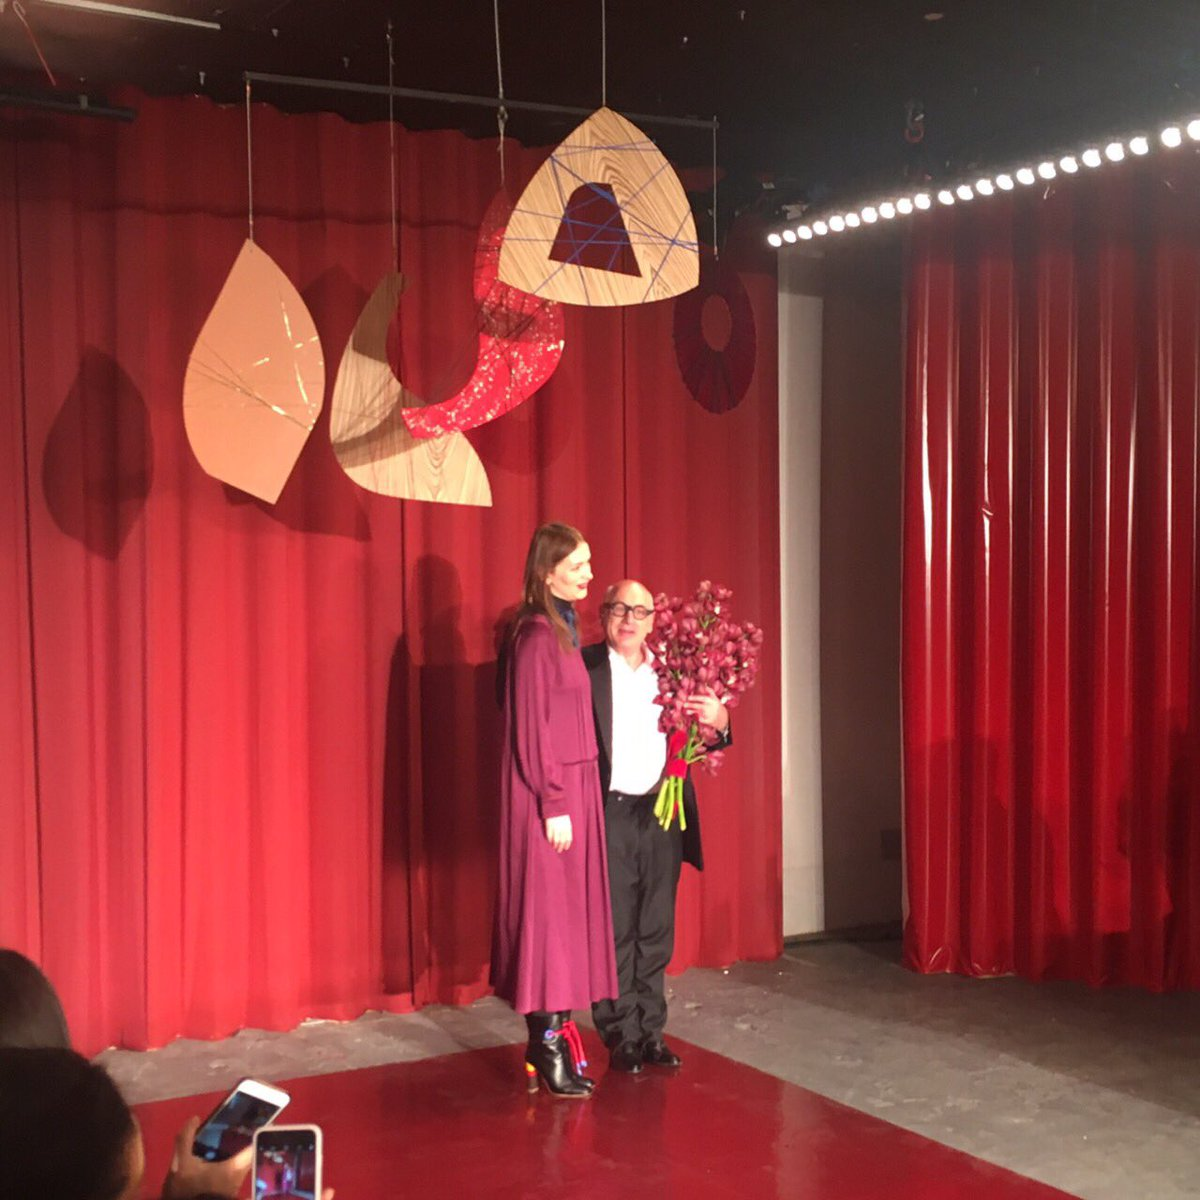 【ロンドンコレ取材】「ロクサンダ」のショー音楽は、作曲家のマイケル・ナイマンによるピアノの生演奏。豪華です。フィナーレにはロクサンダがマイケルに彼女が作る服と同じような綺麗な色の花束を贈呈。 #ROKSANDA #LFW